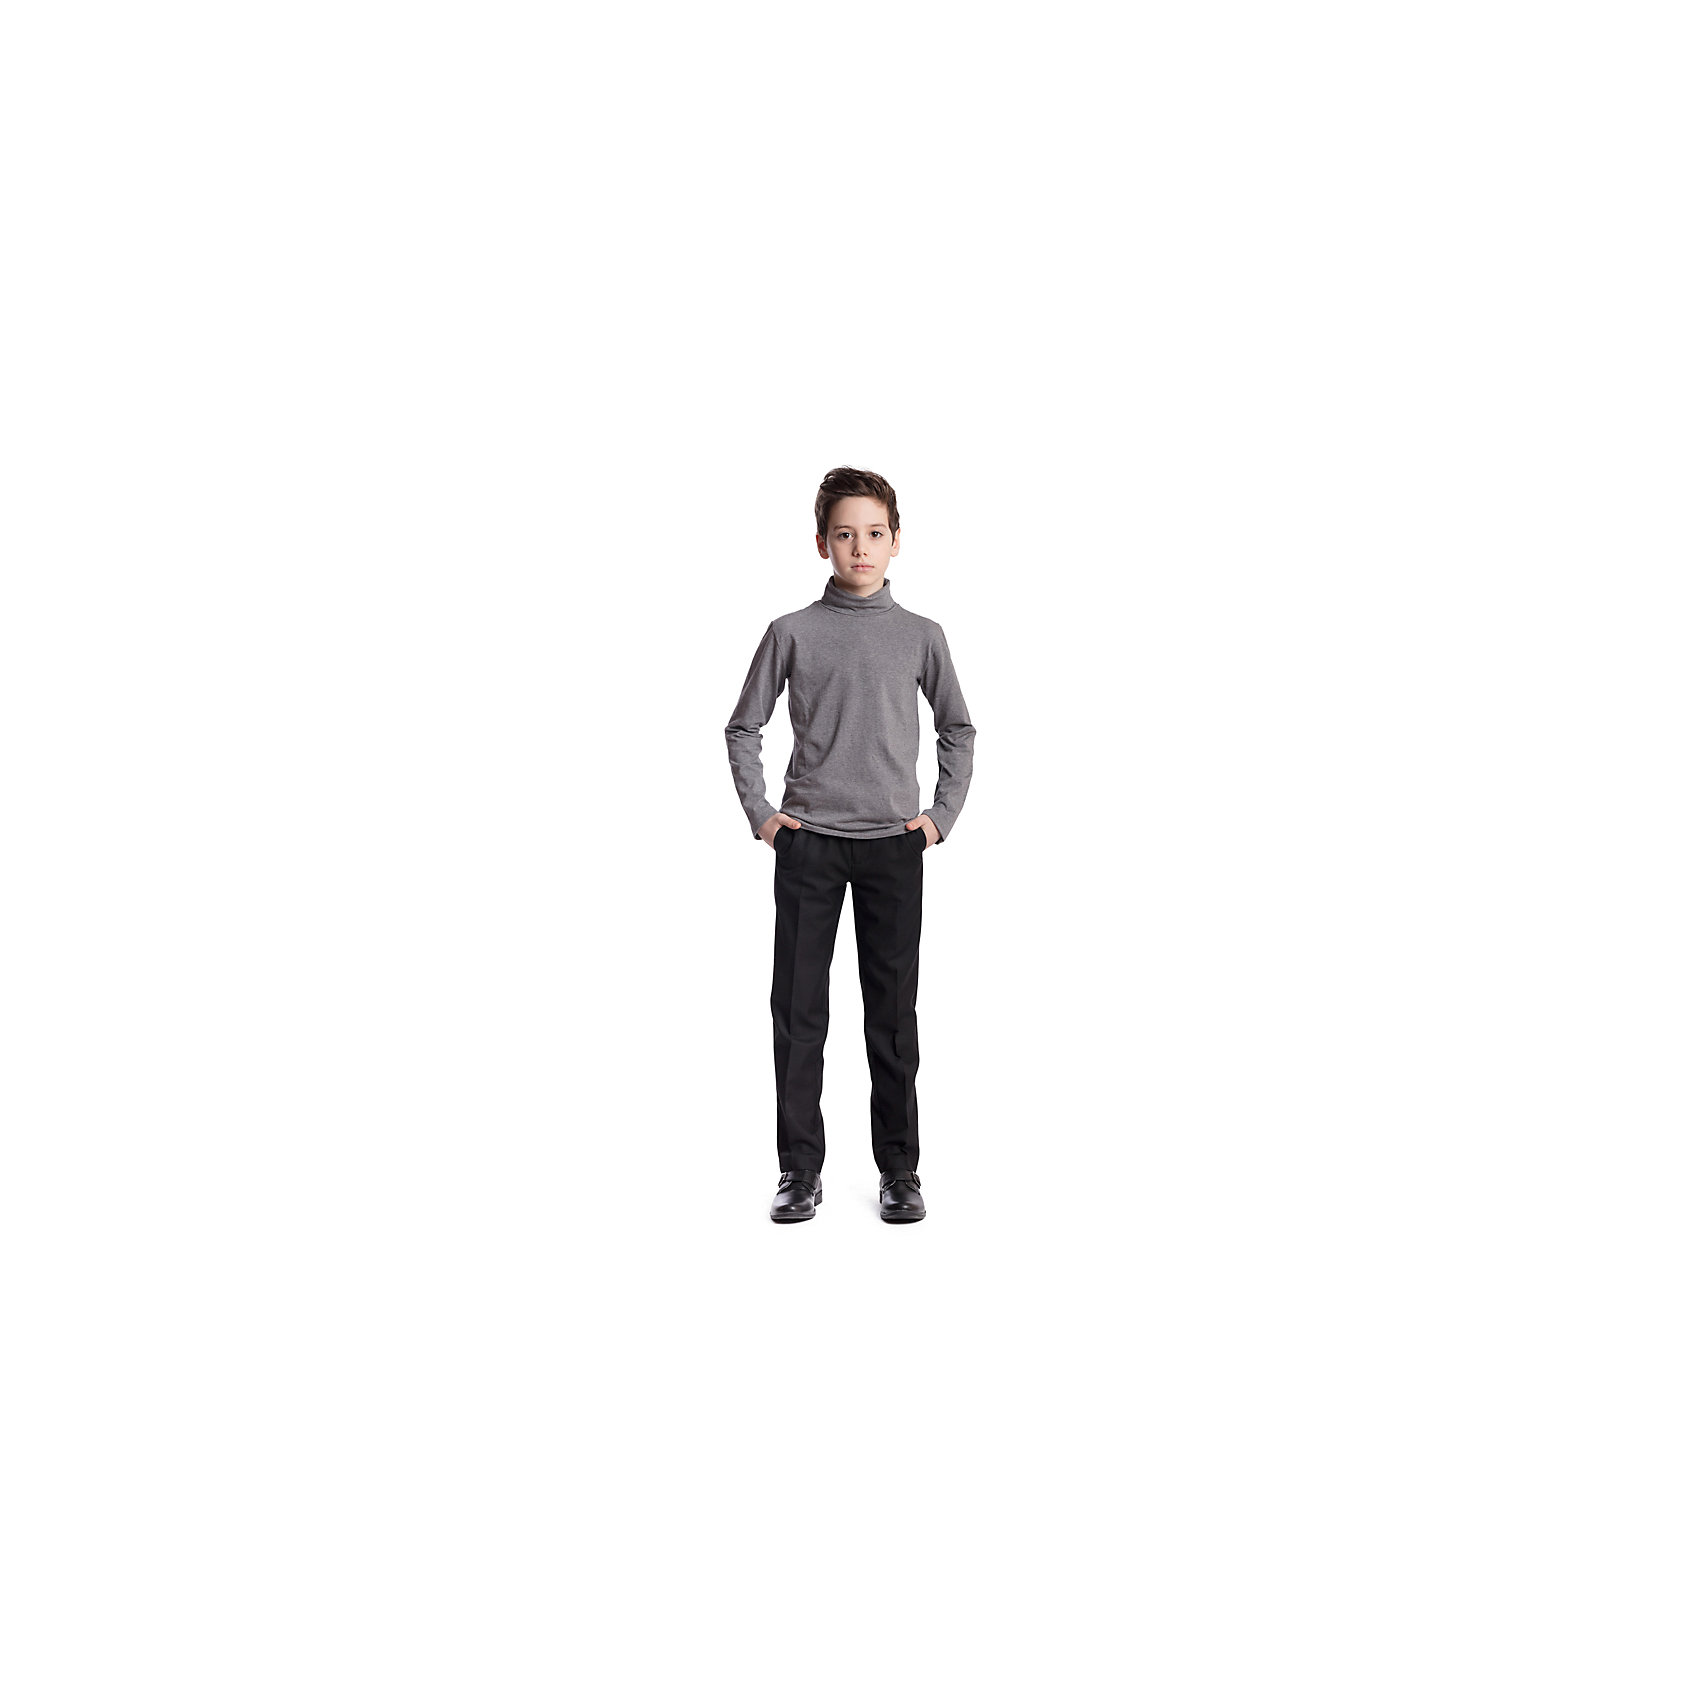 Брюки для мальчика ScoolБрюки<br>Брюки для мальчика Scool<br>Брюки в деловом стиле. Лекало этой модели брюк полностью повторяет лекало модели для взрослого мужчины. Брюки со стрелками; на внутренней стороне пояса предусмотрена регулировка по талии за счет удобной резинки на пуговицах.Преимущества: Модель со шлевками, при необходимости можно использовать ременьРегулировка по талии за счет внутренней резинки с пуговицейМодель с вшивными карманами<br>Состав:<br>65% полиэстер, 35% вискоза<br><br>Ширина мм: 215<br>Глубина мм: 88<br>Высота мм: 191<br>Вес г: 336<br>Цвет: черный<br>Возраст от месяцев: 108<br>Возраст до месяцев: 120<br>Пол: Мужской<br>Возраст: Детский<br>Размер: 140,146,152,158,164,134,122,128<br>SKU: 6754426